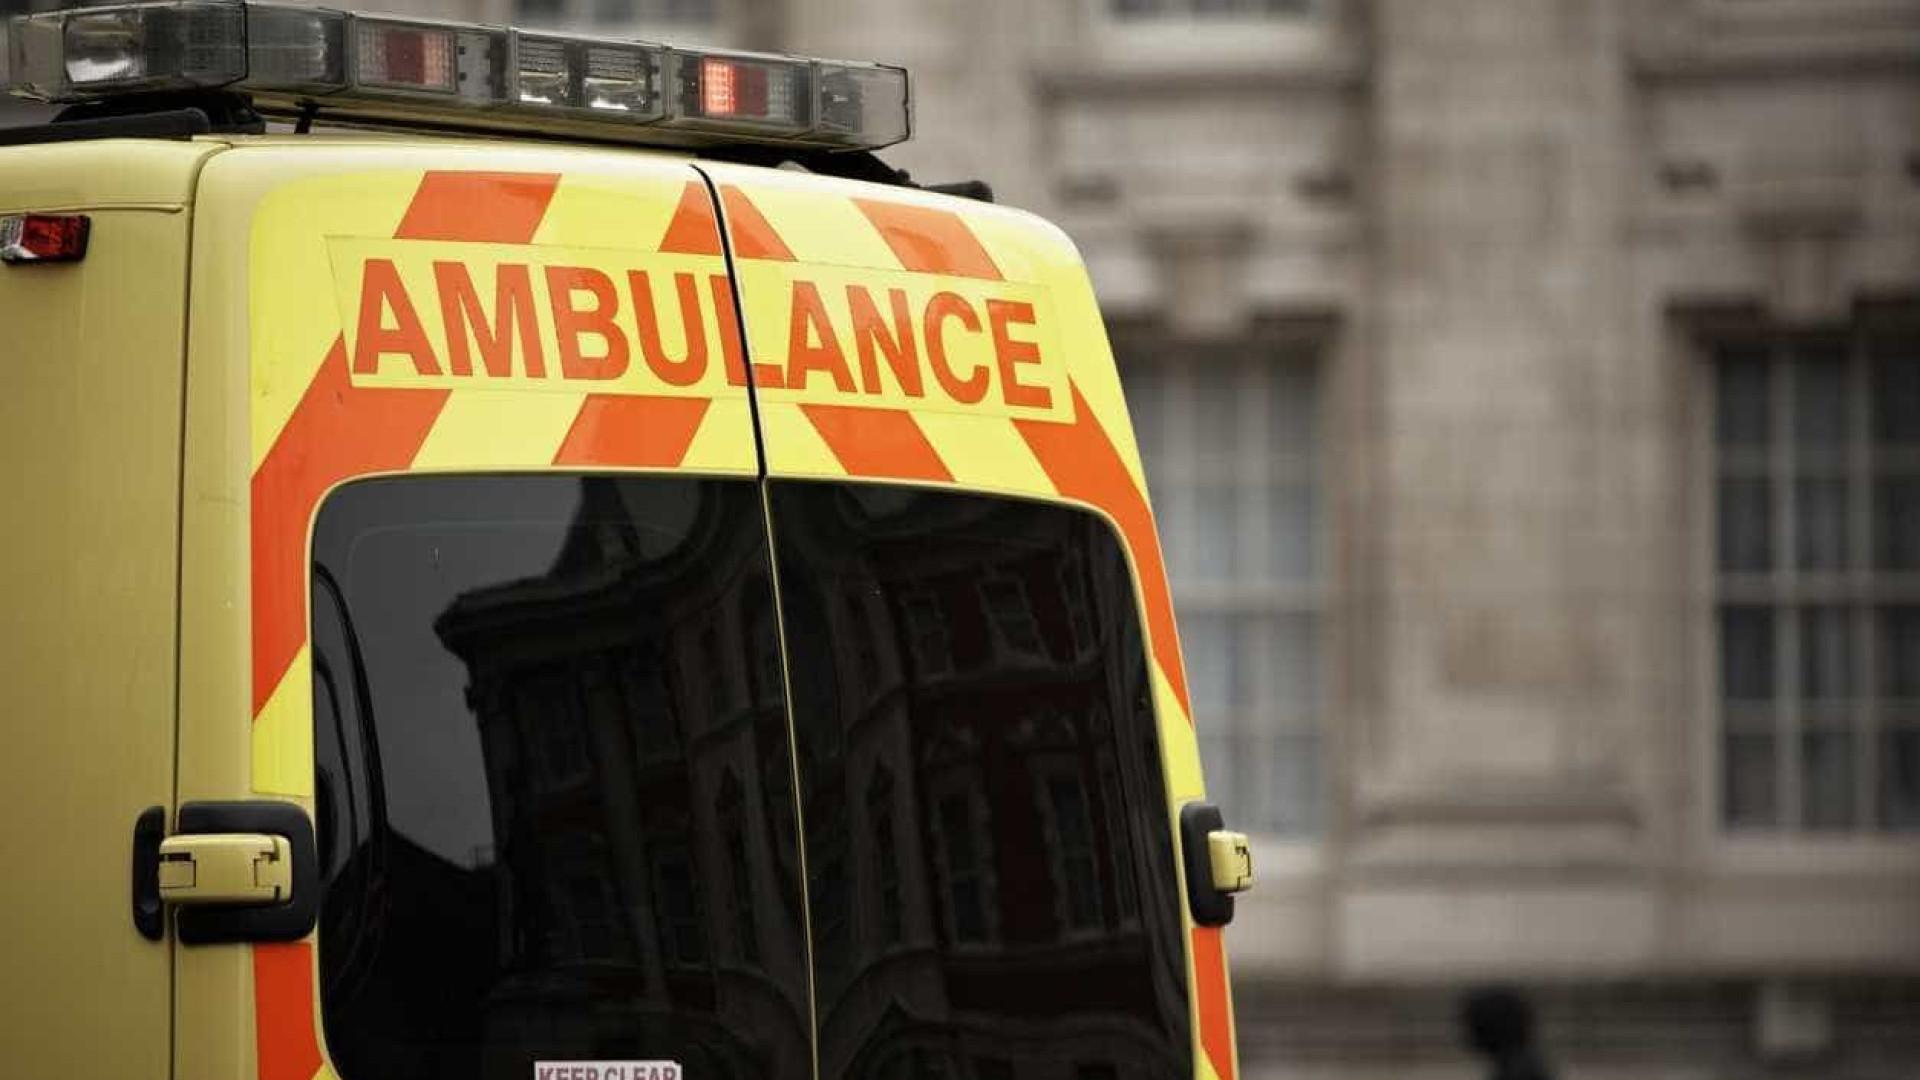 Londres transforma ônibus em ambulâncias para transportar doentes